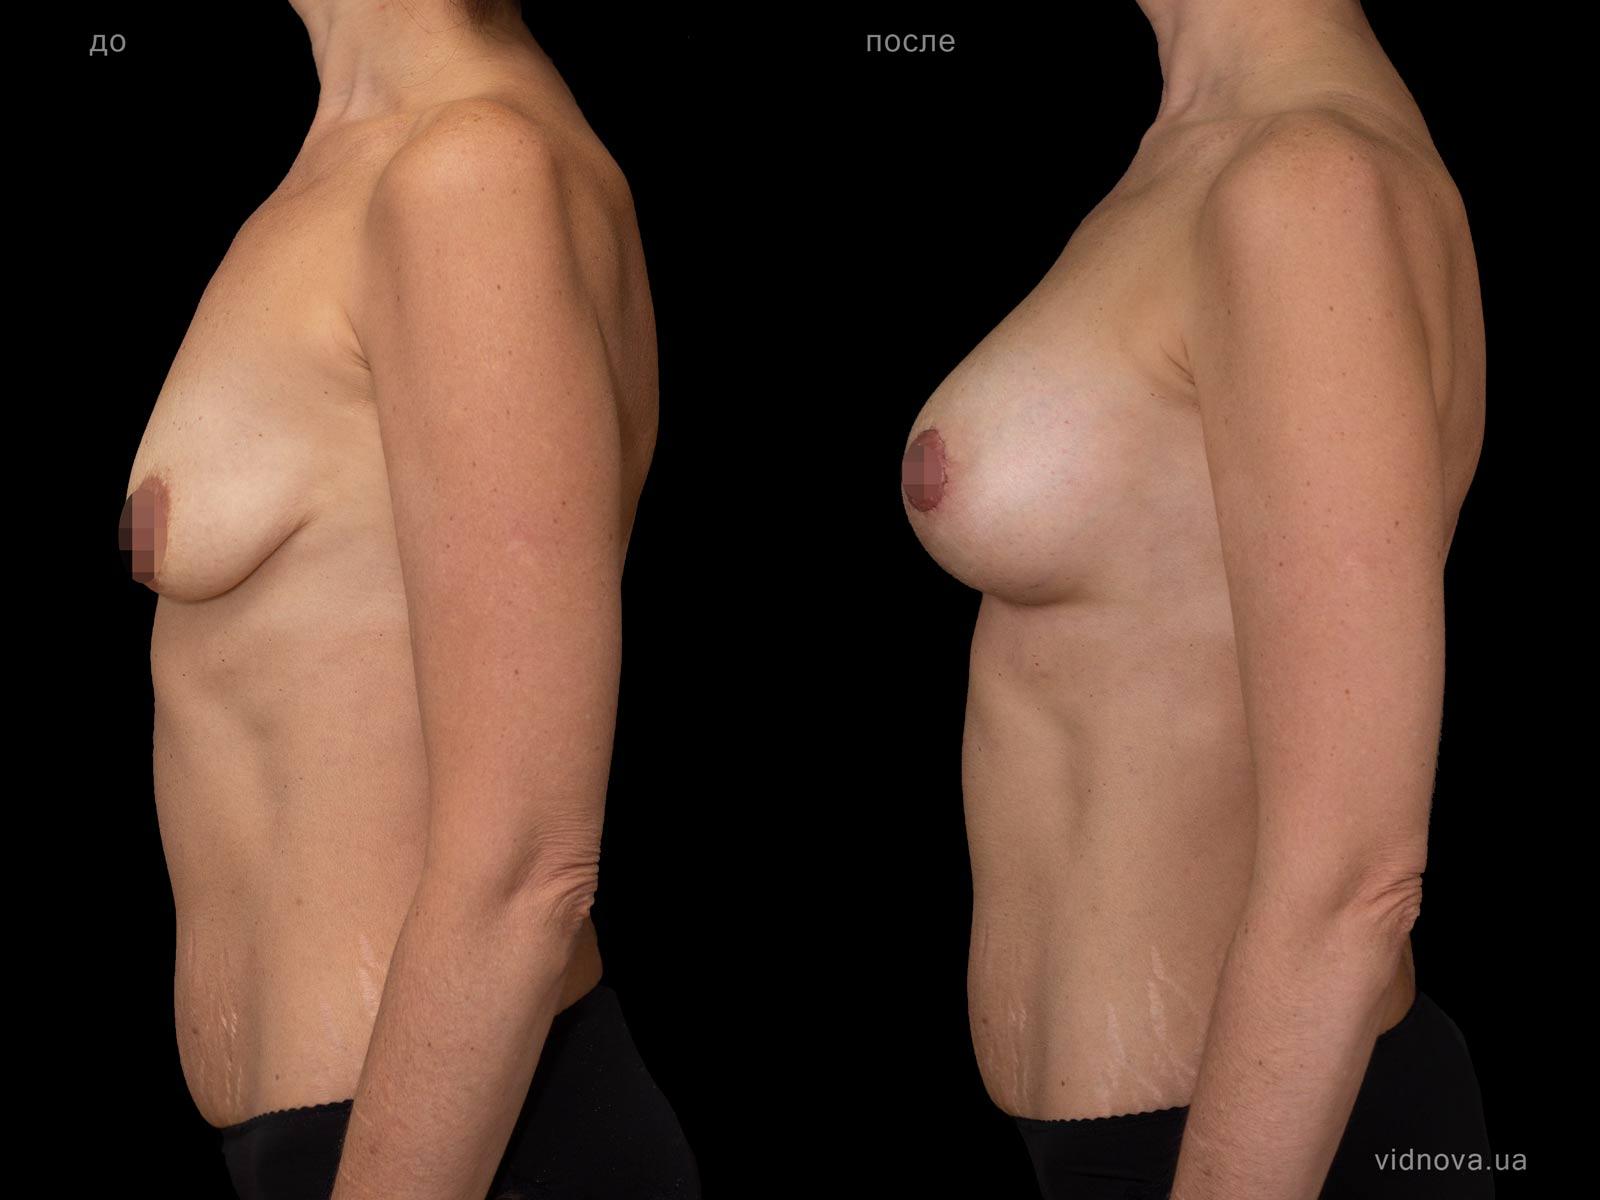 Пластика груди: результаты до и после - Пример №103-2 - Светлана Работенко